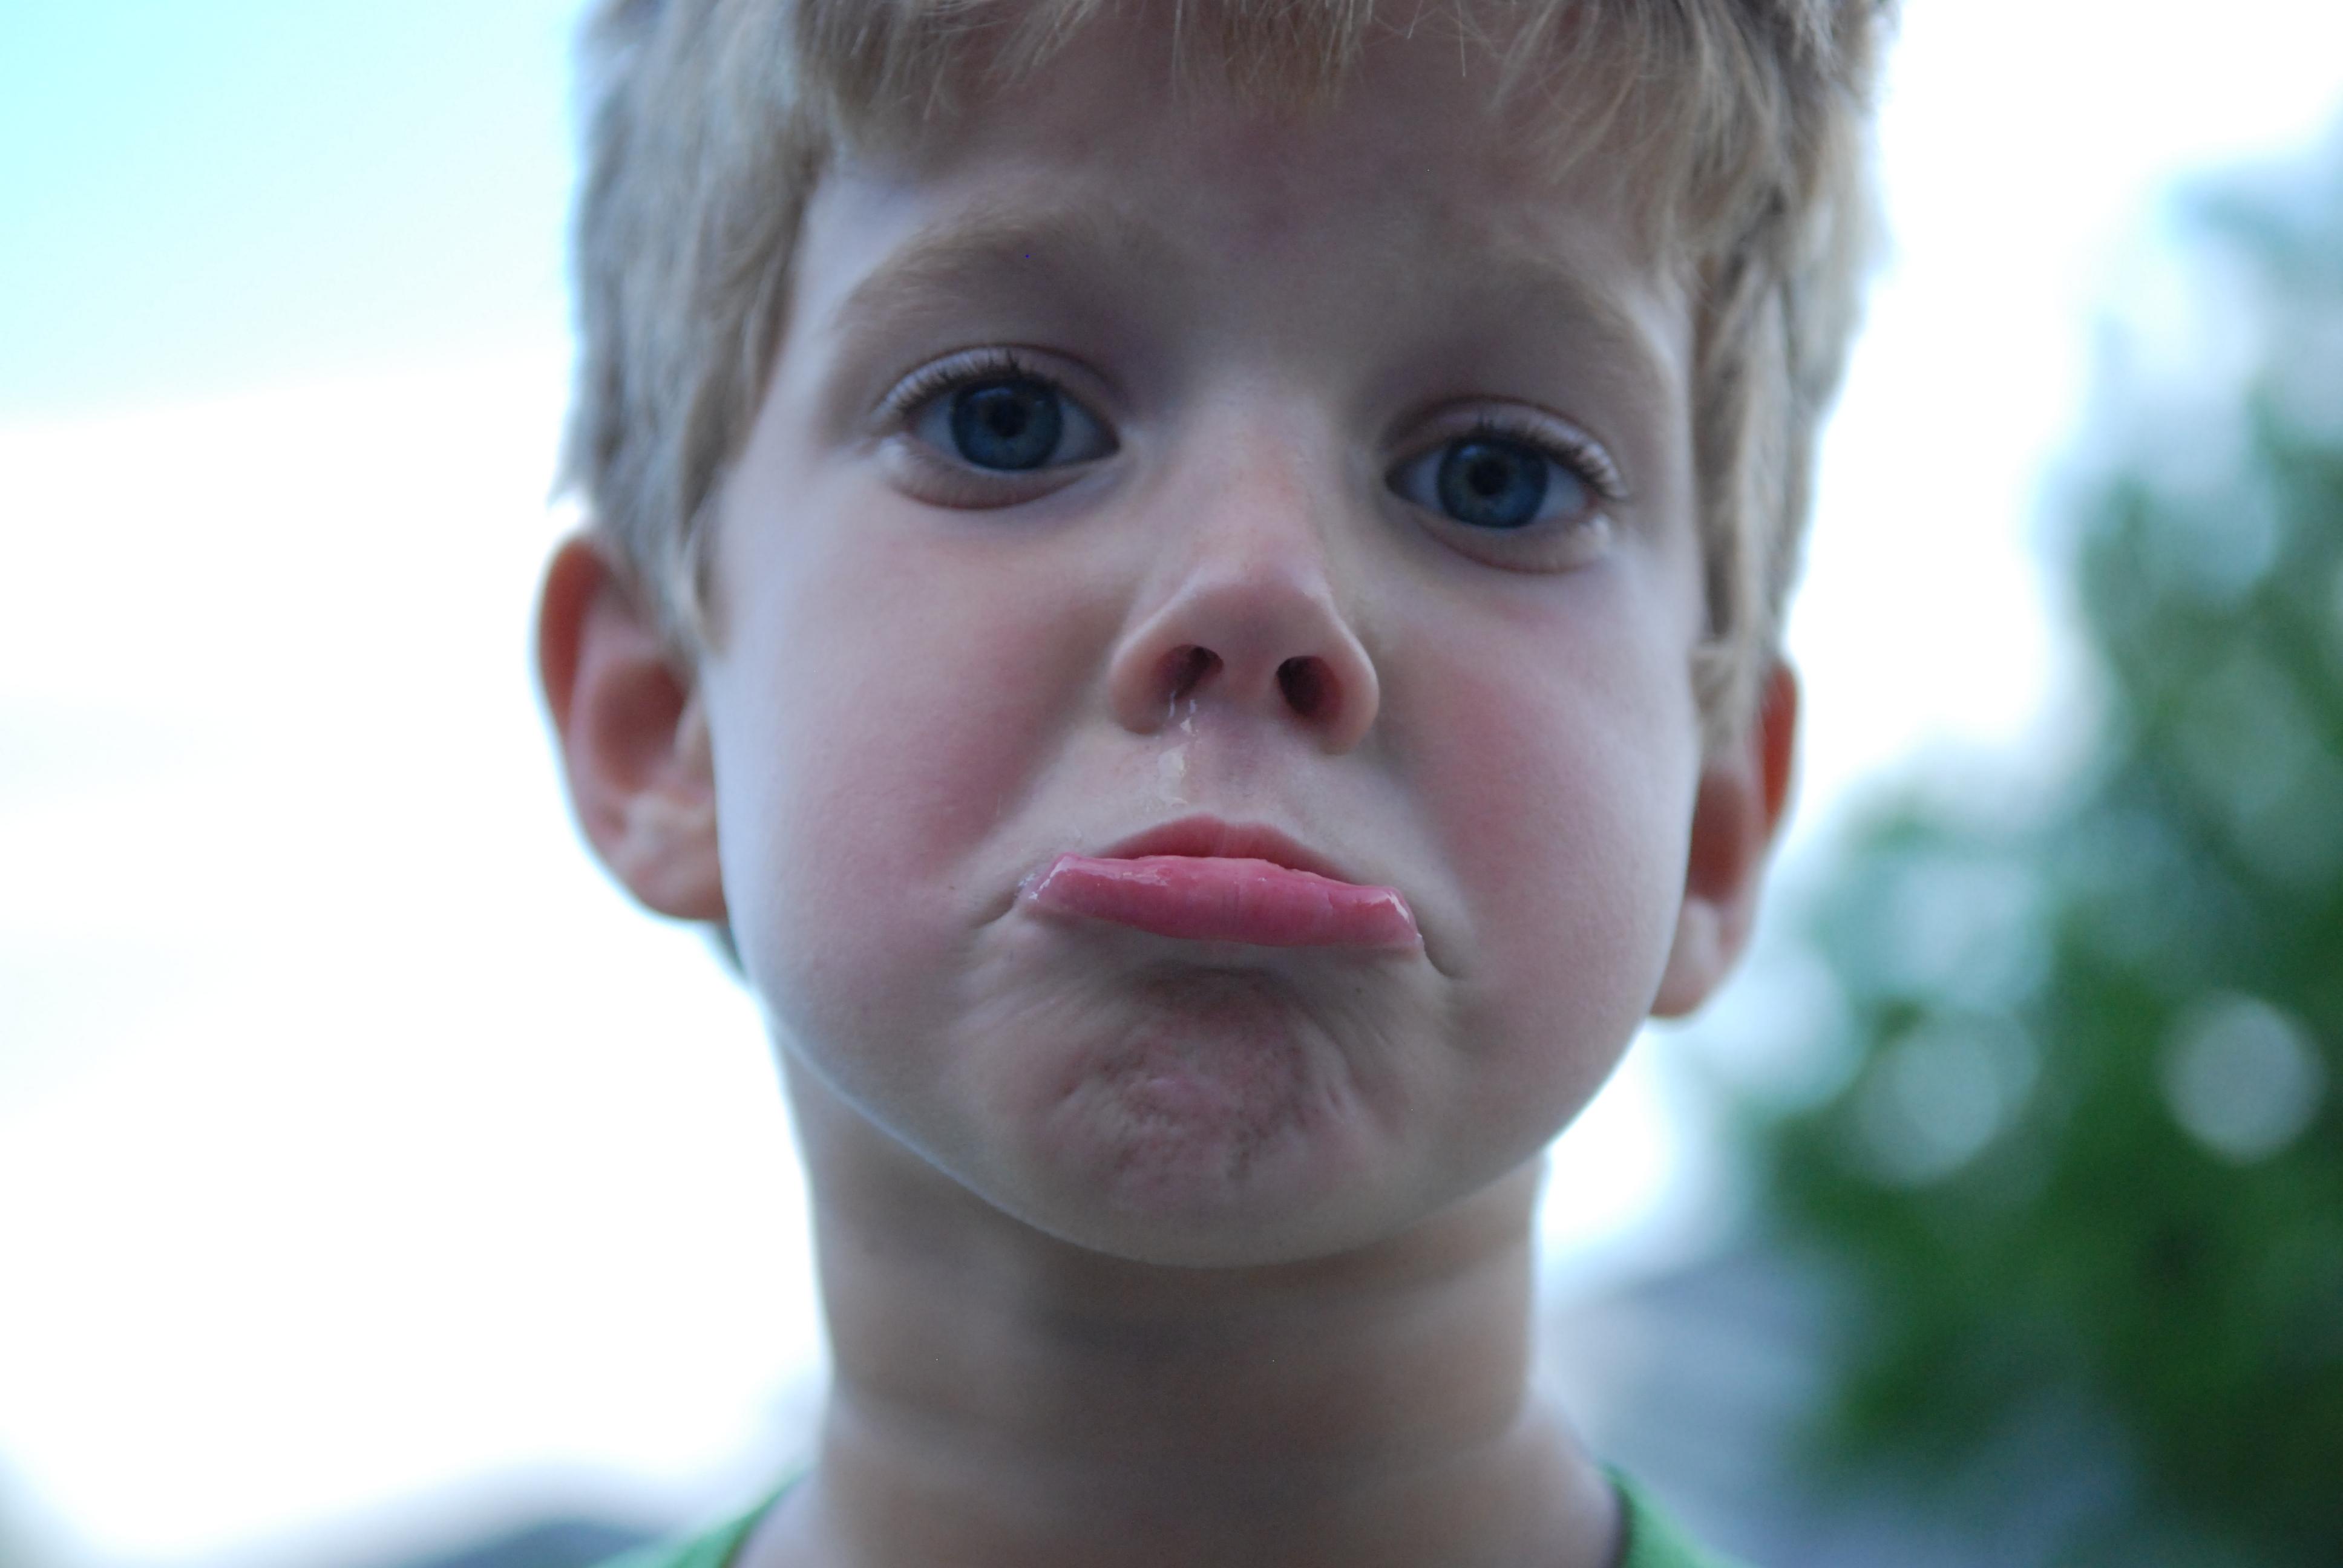 Децата на стресирани майки по-често стават жертви на тормоз